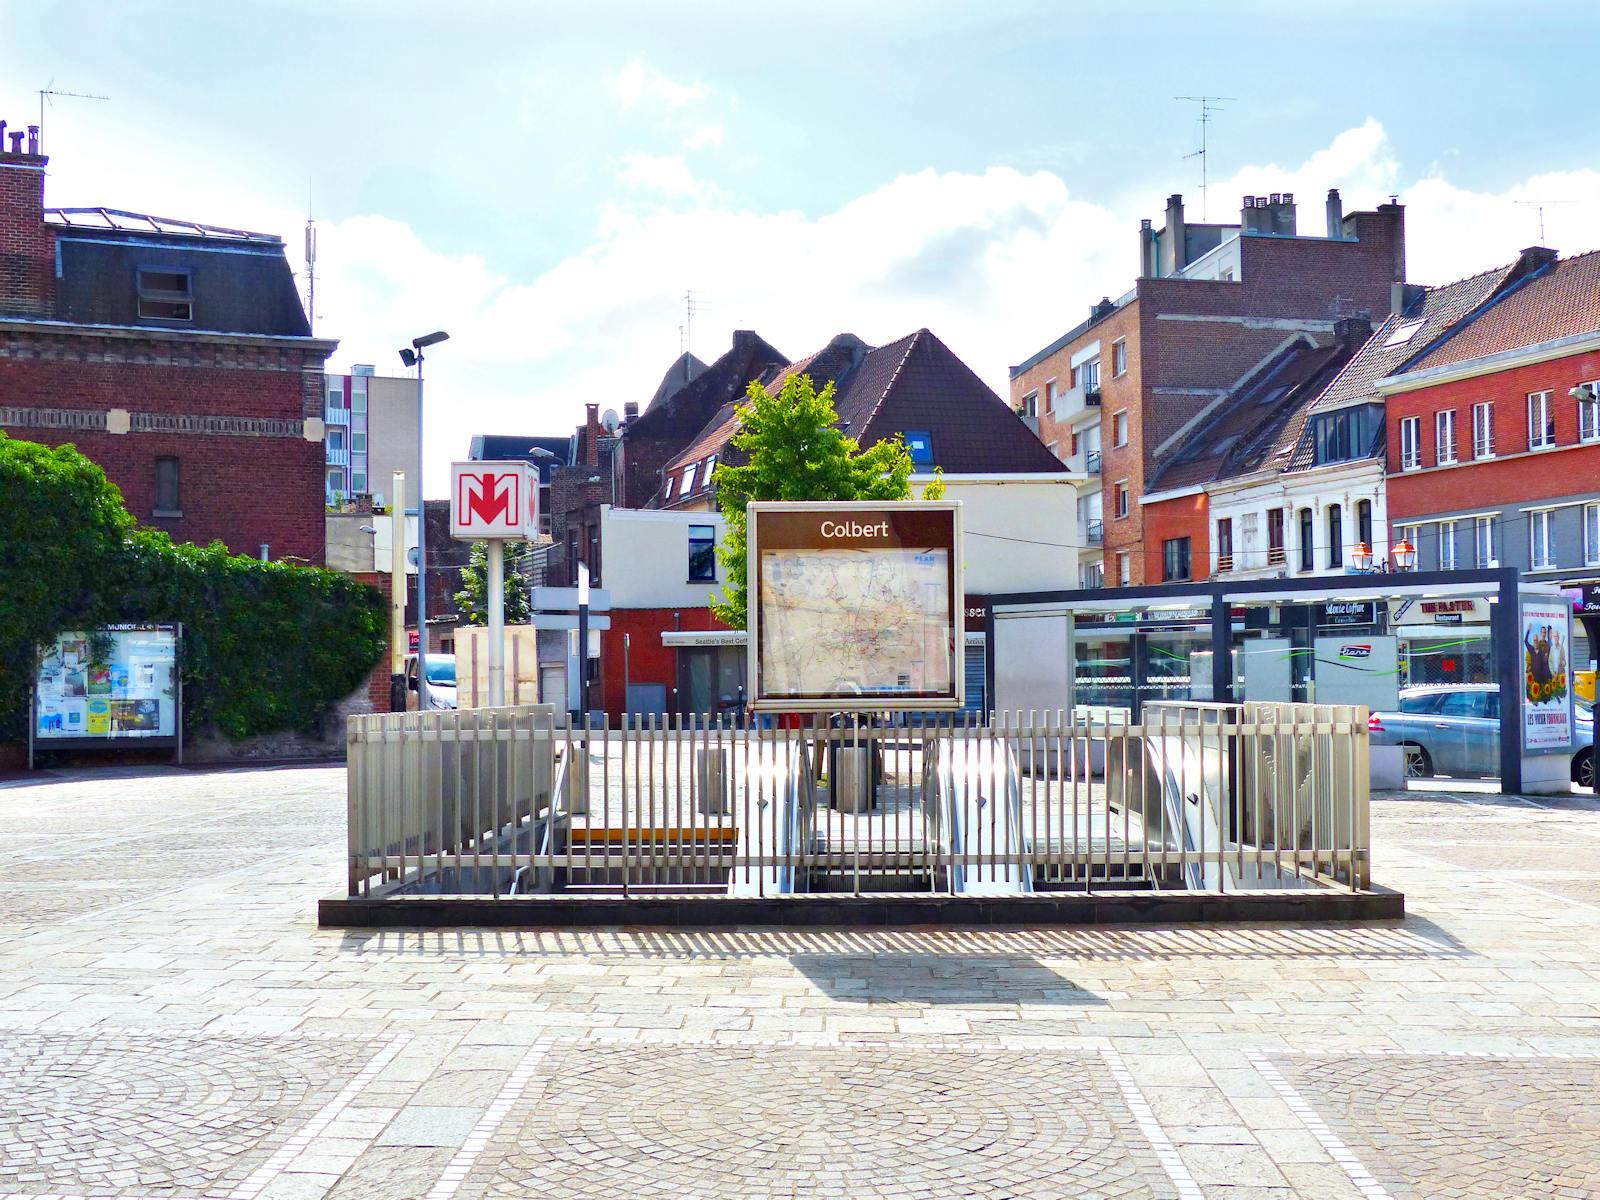 Métro Tourcoing - Station Colbert